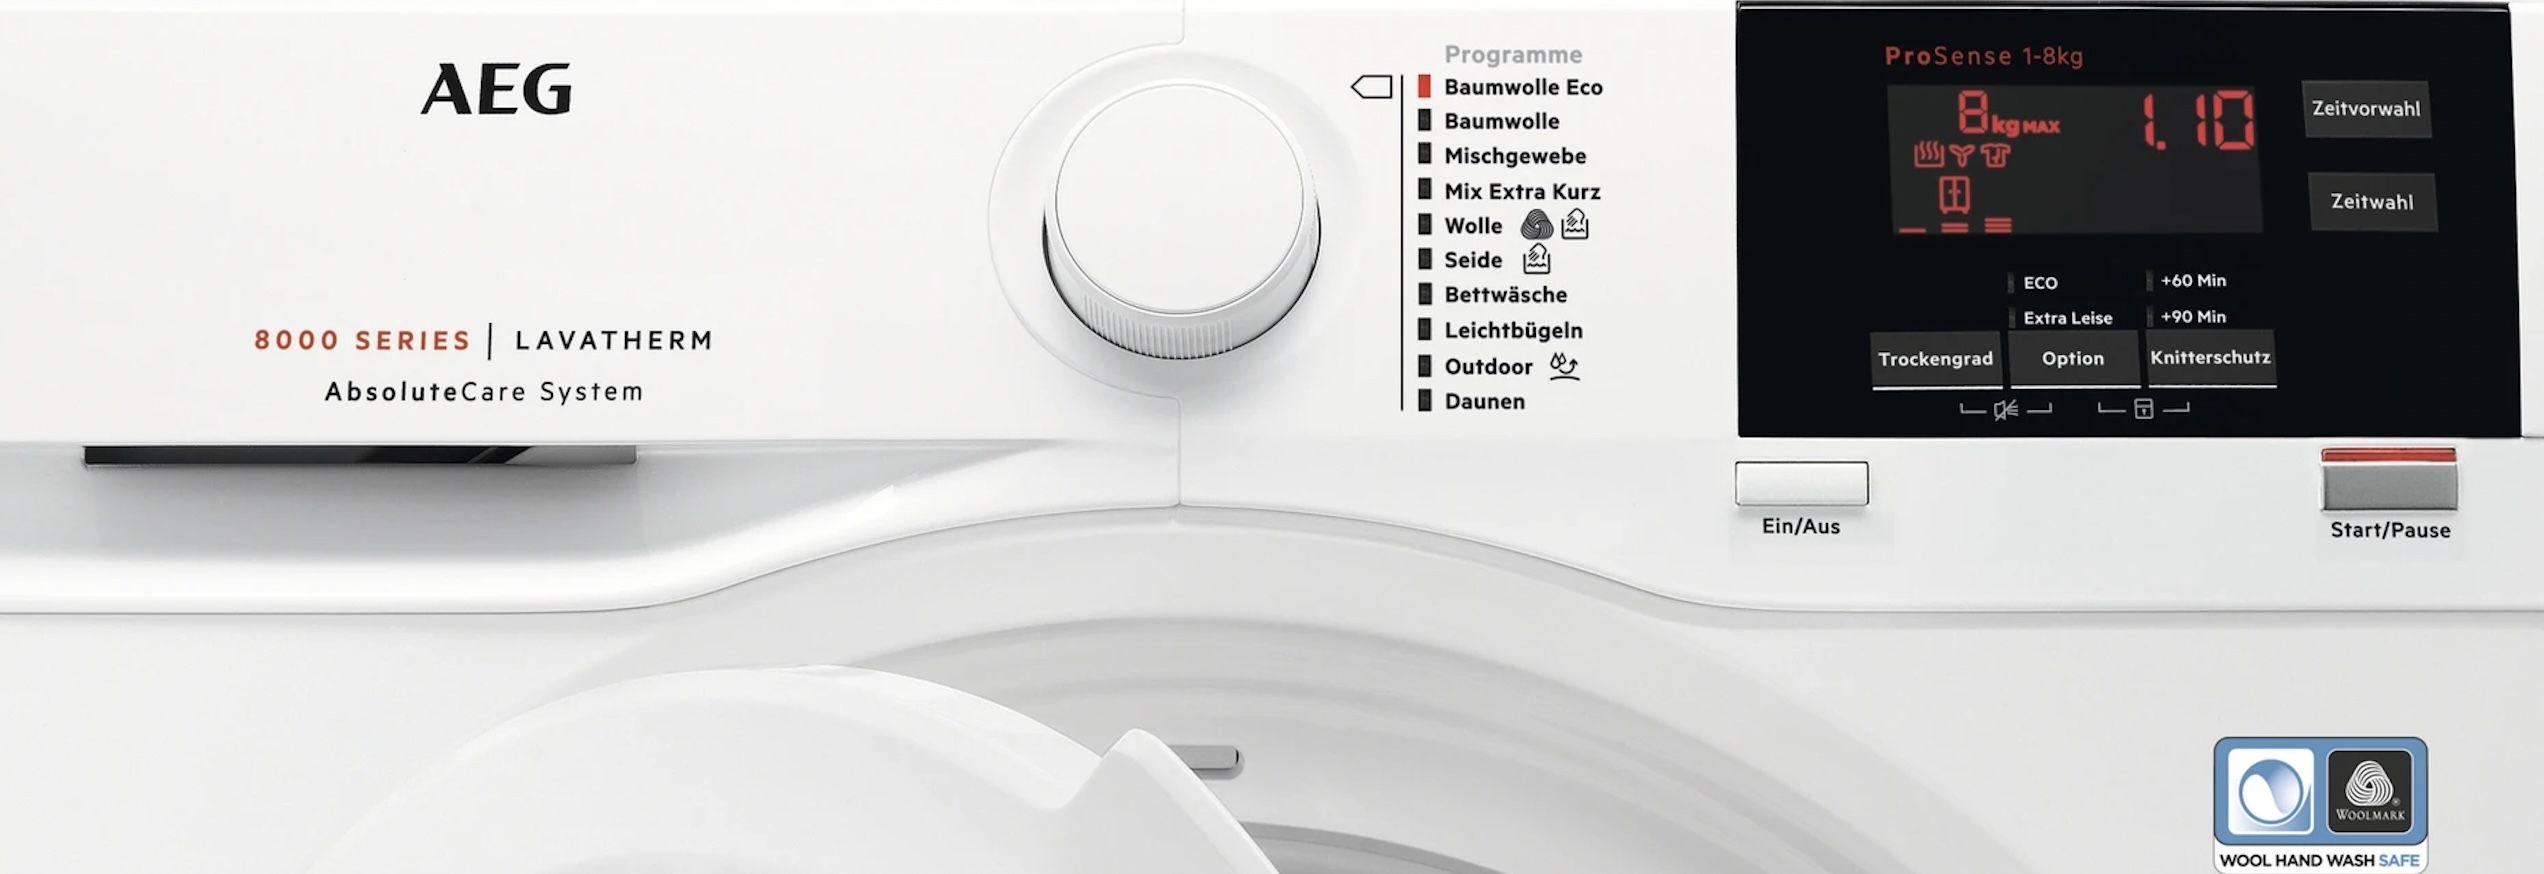 AEG T8DBA2 8kg Wärmepumpentrockner mit Mengenautomatik & Knitterschutz für 360,92€ (statt 489€)